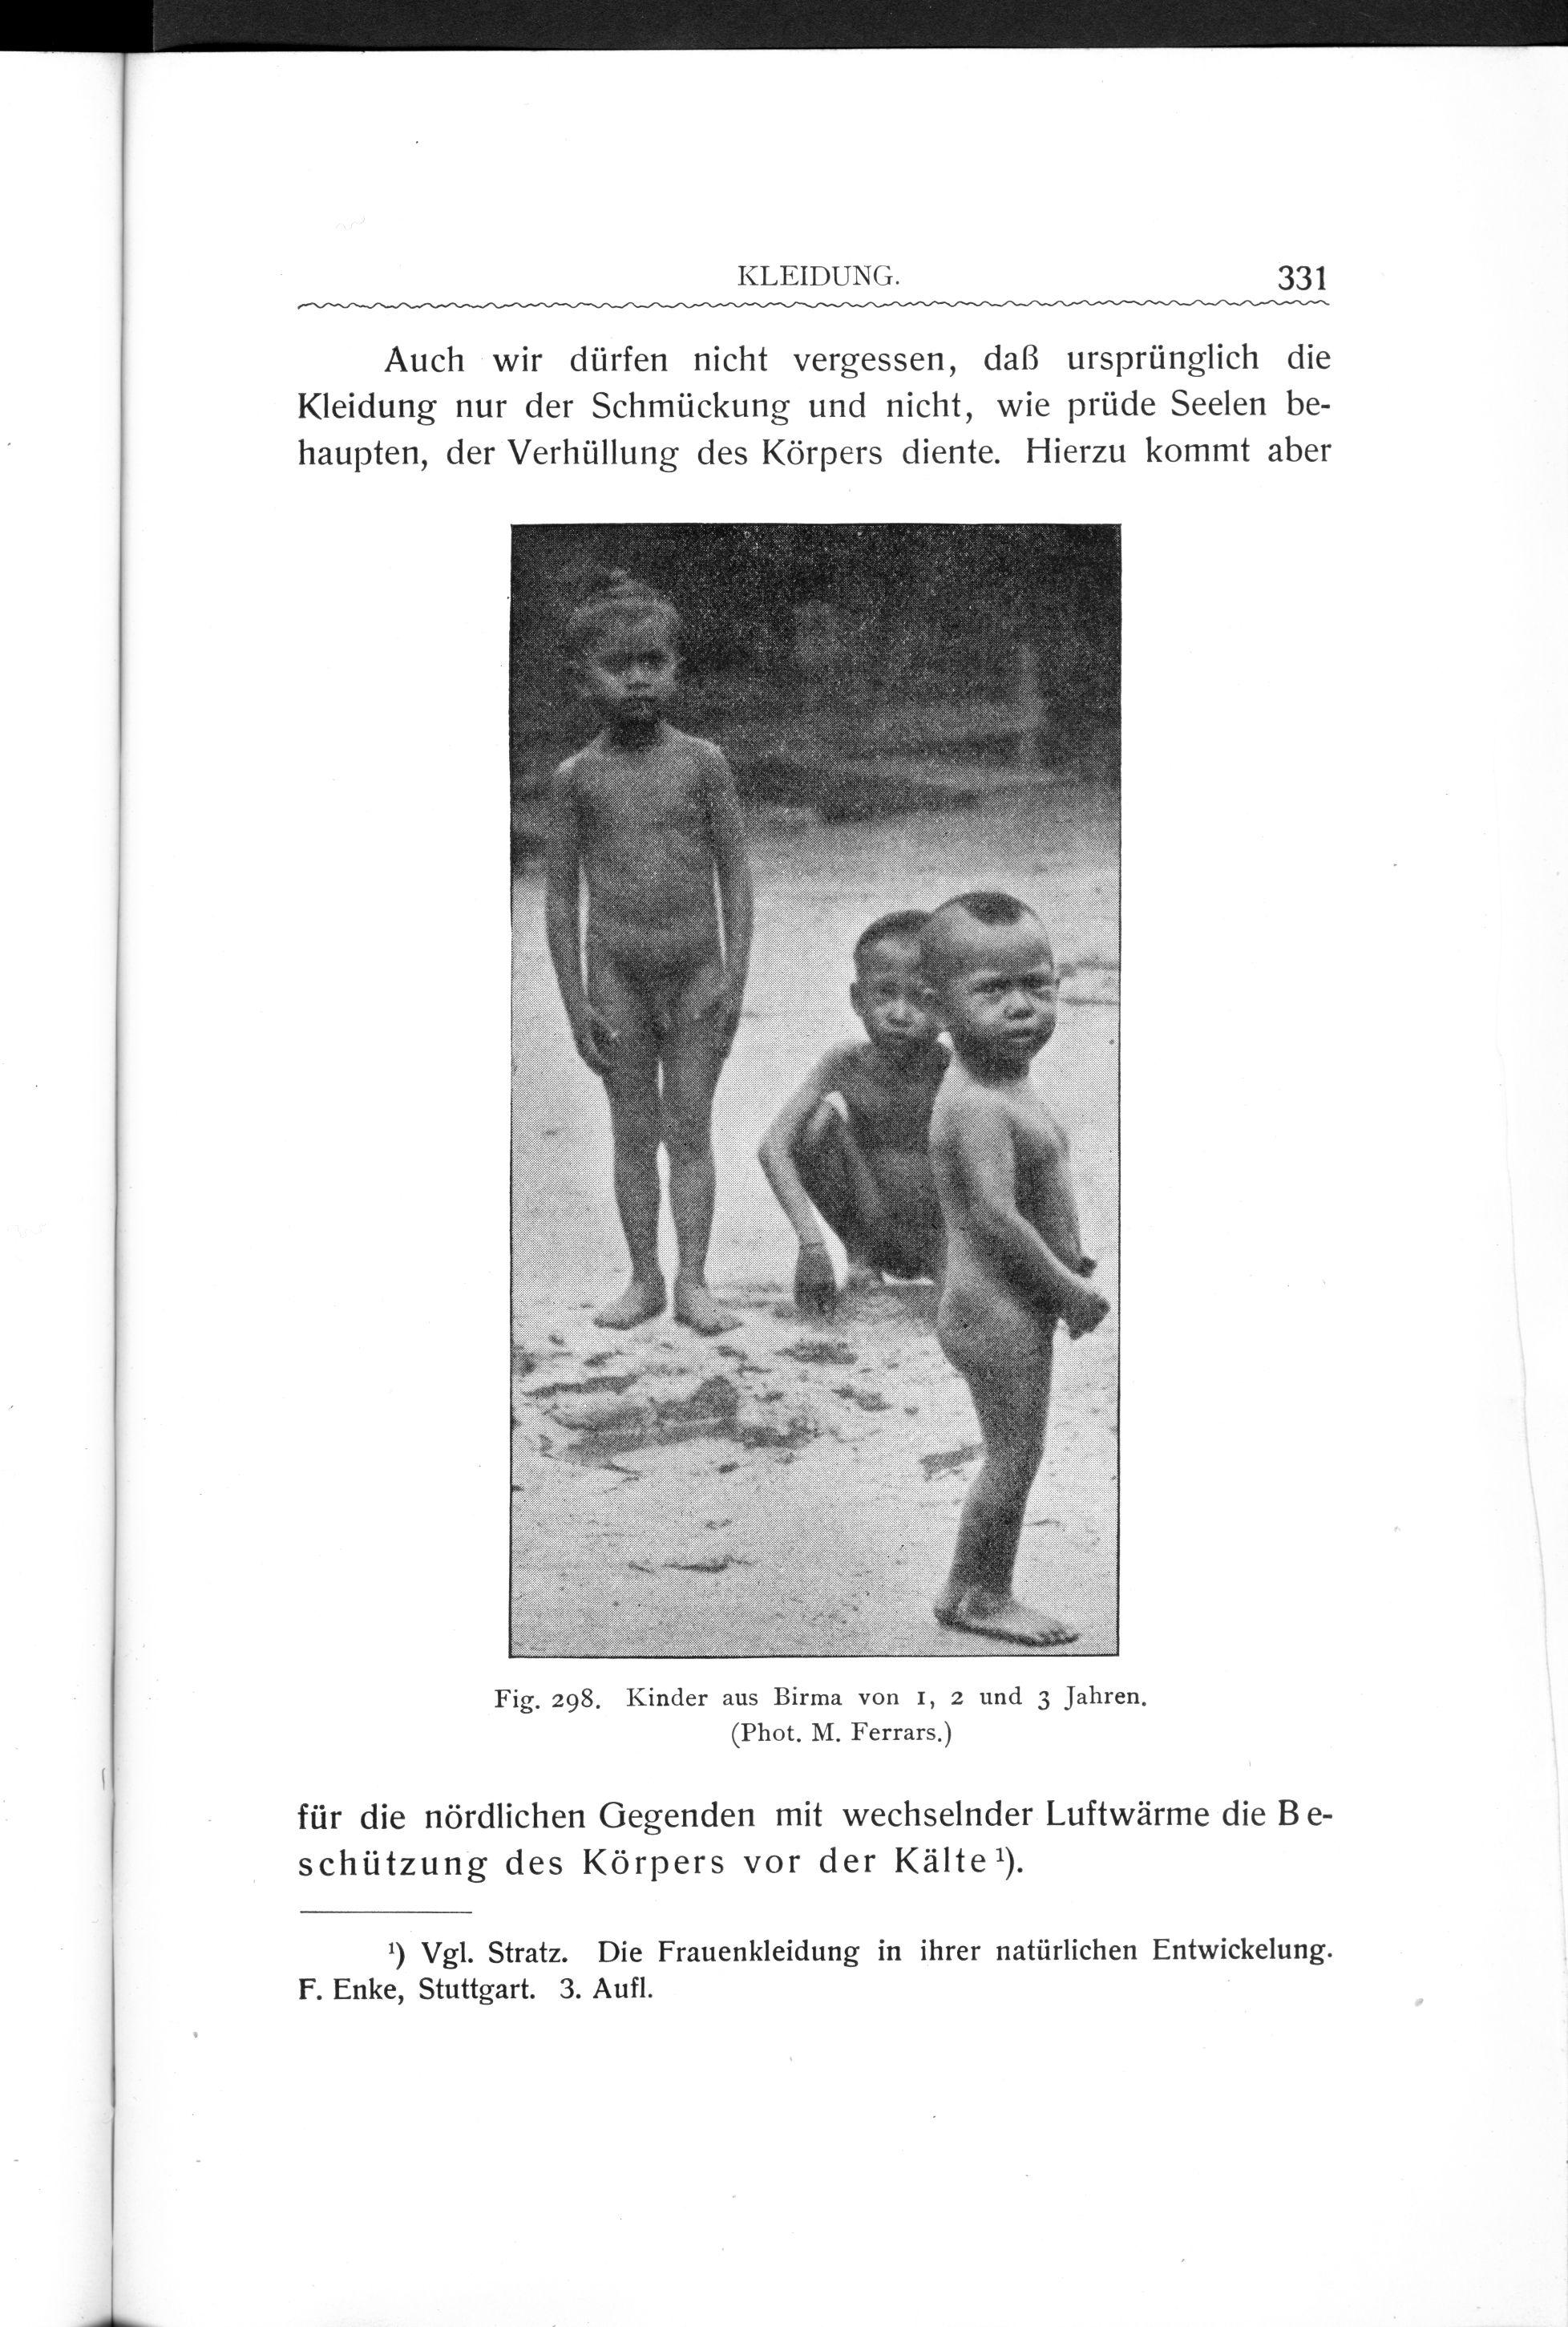 File:Stratz Körper des Kindes 3 331.jpg - Wikimedia Commons